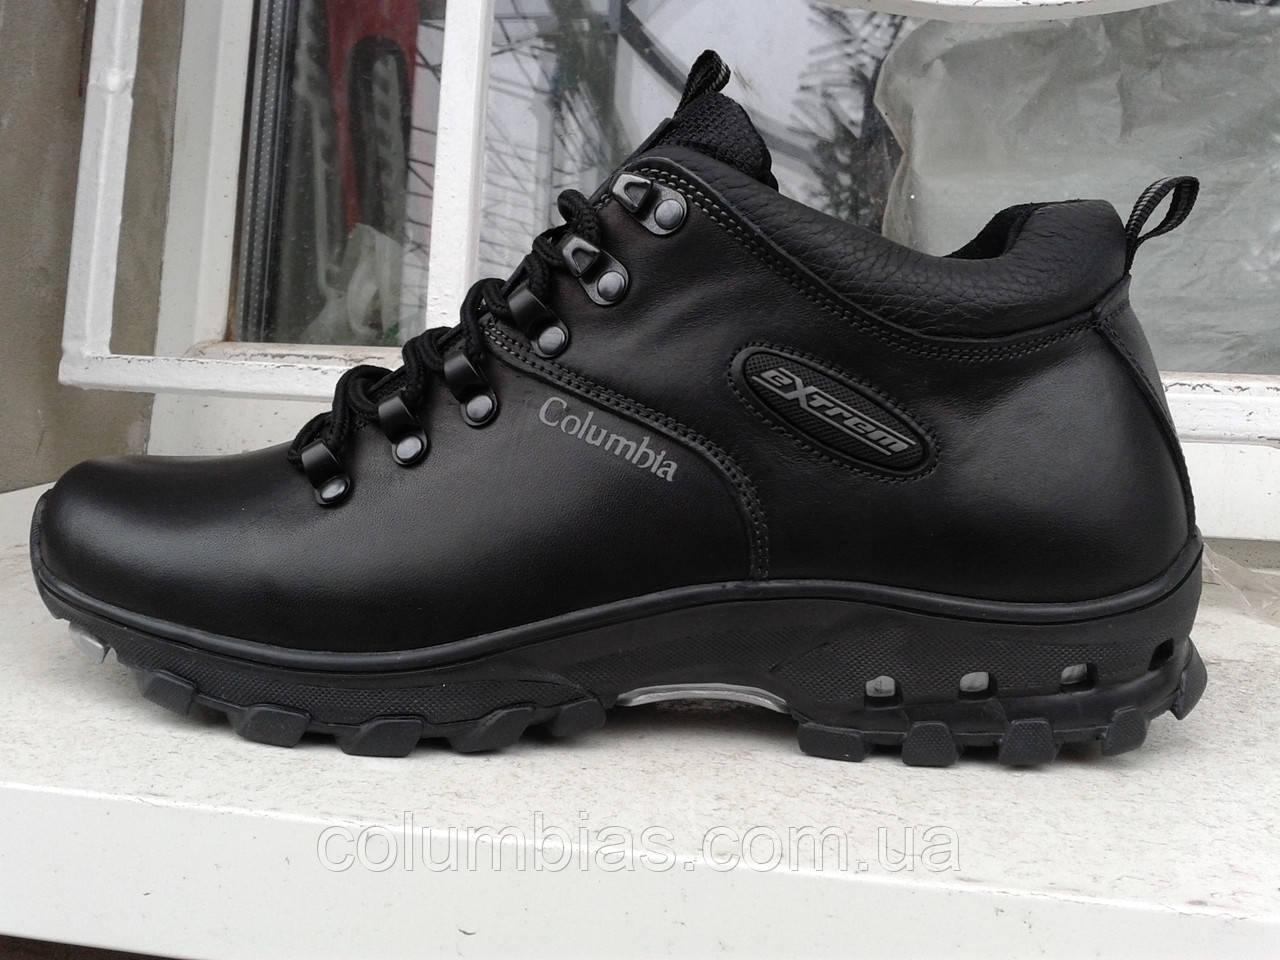 Мужские зимние ботинки Collumbia экстрим